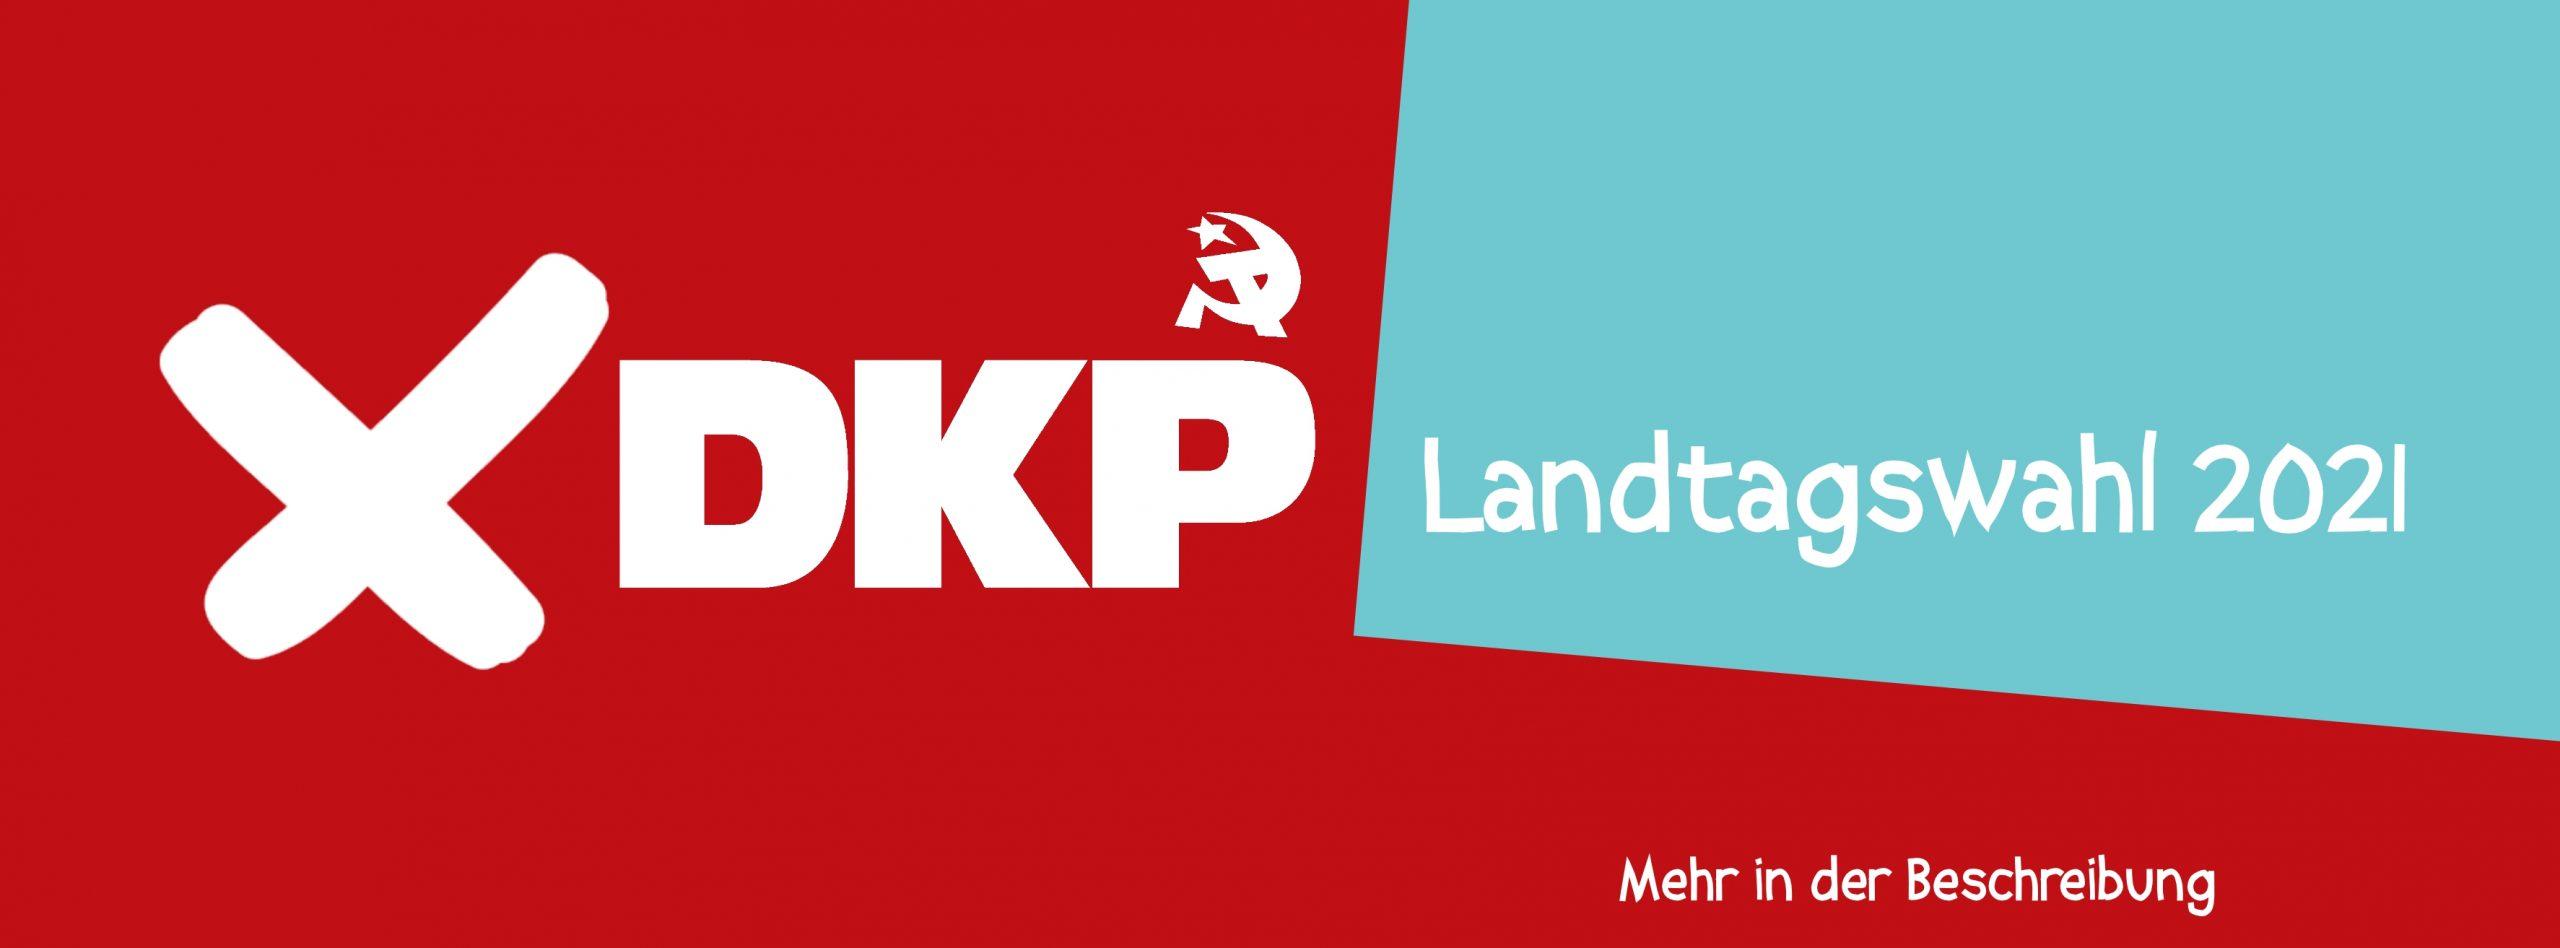 DKP Landtagswahl 2021